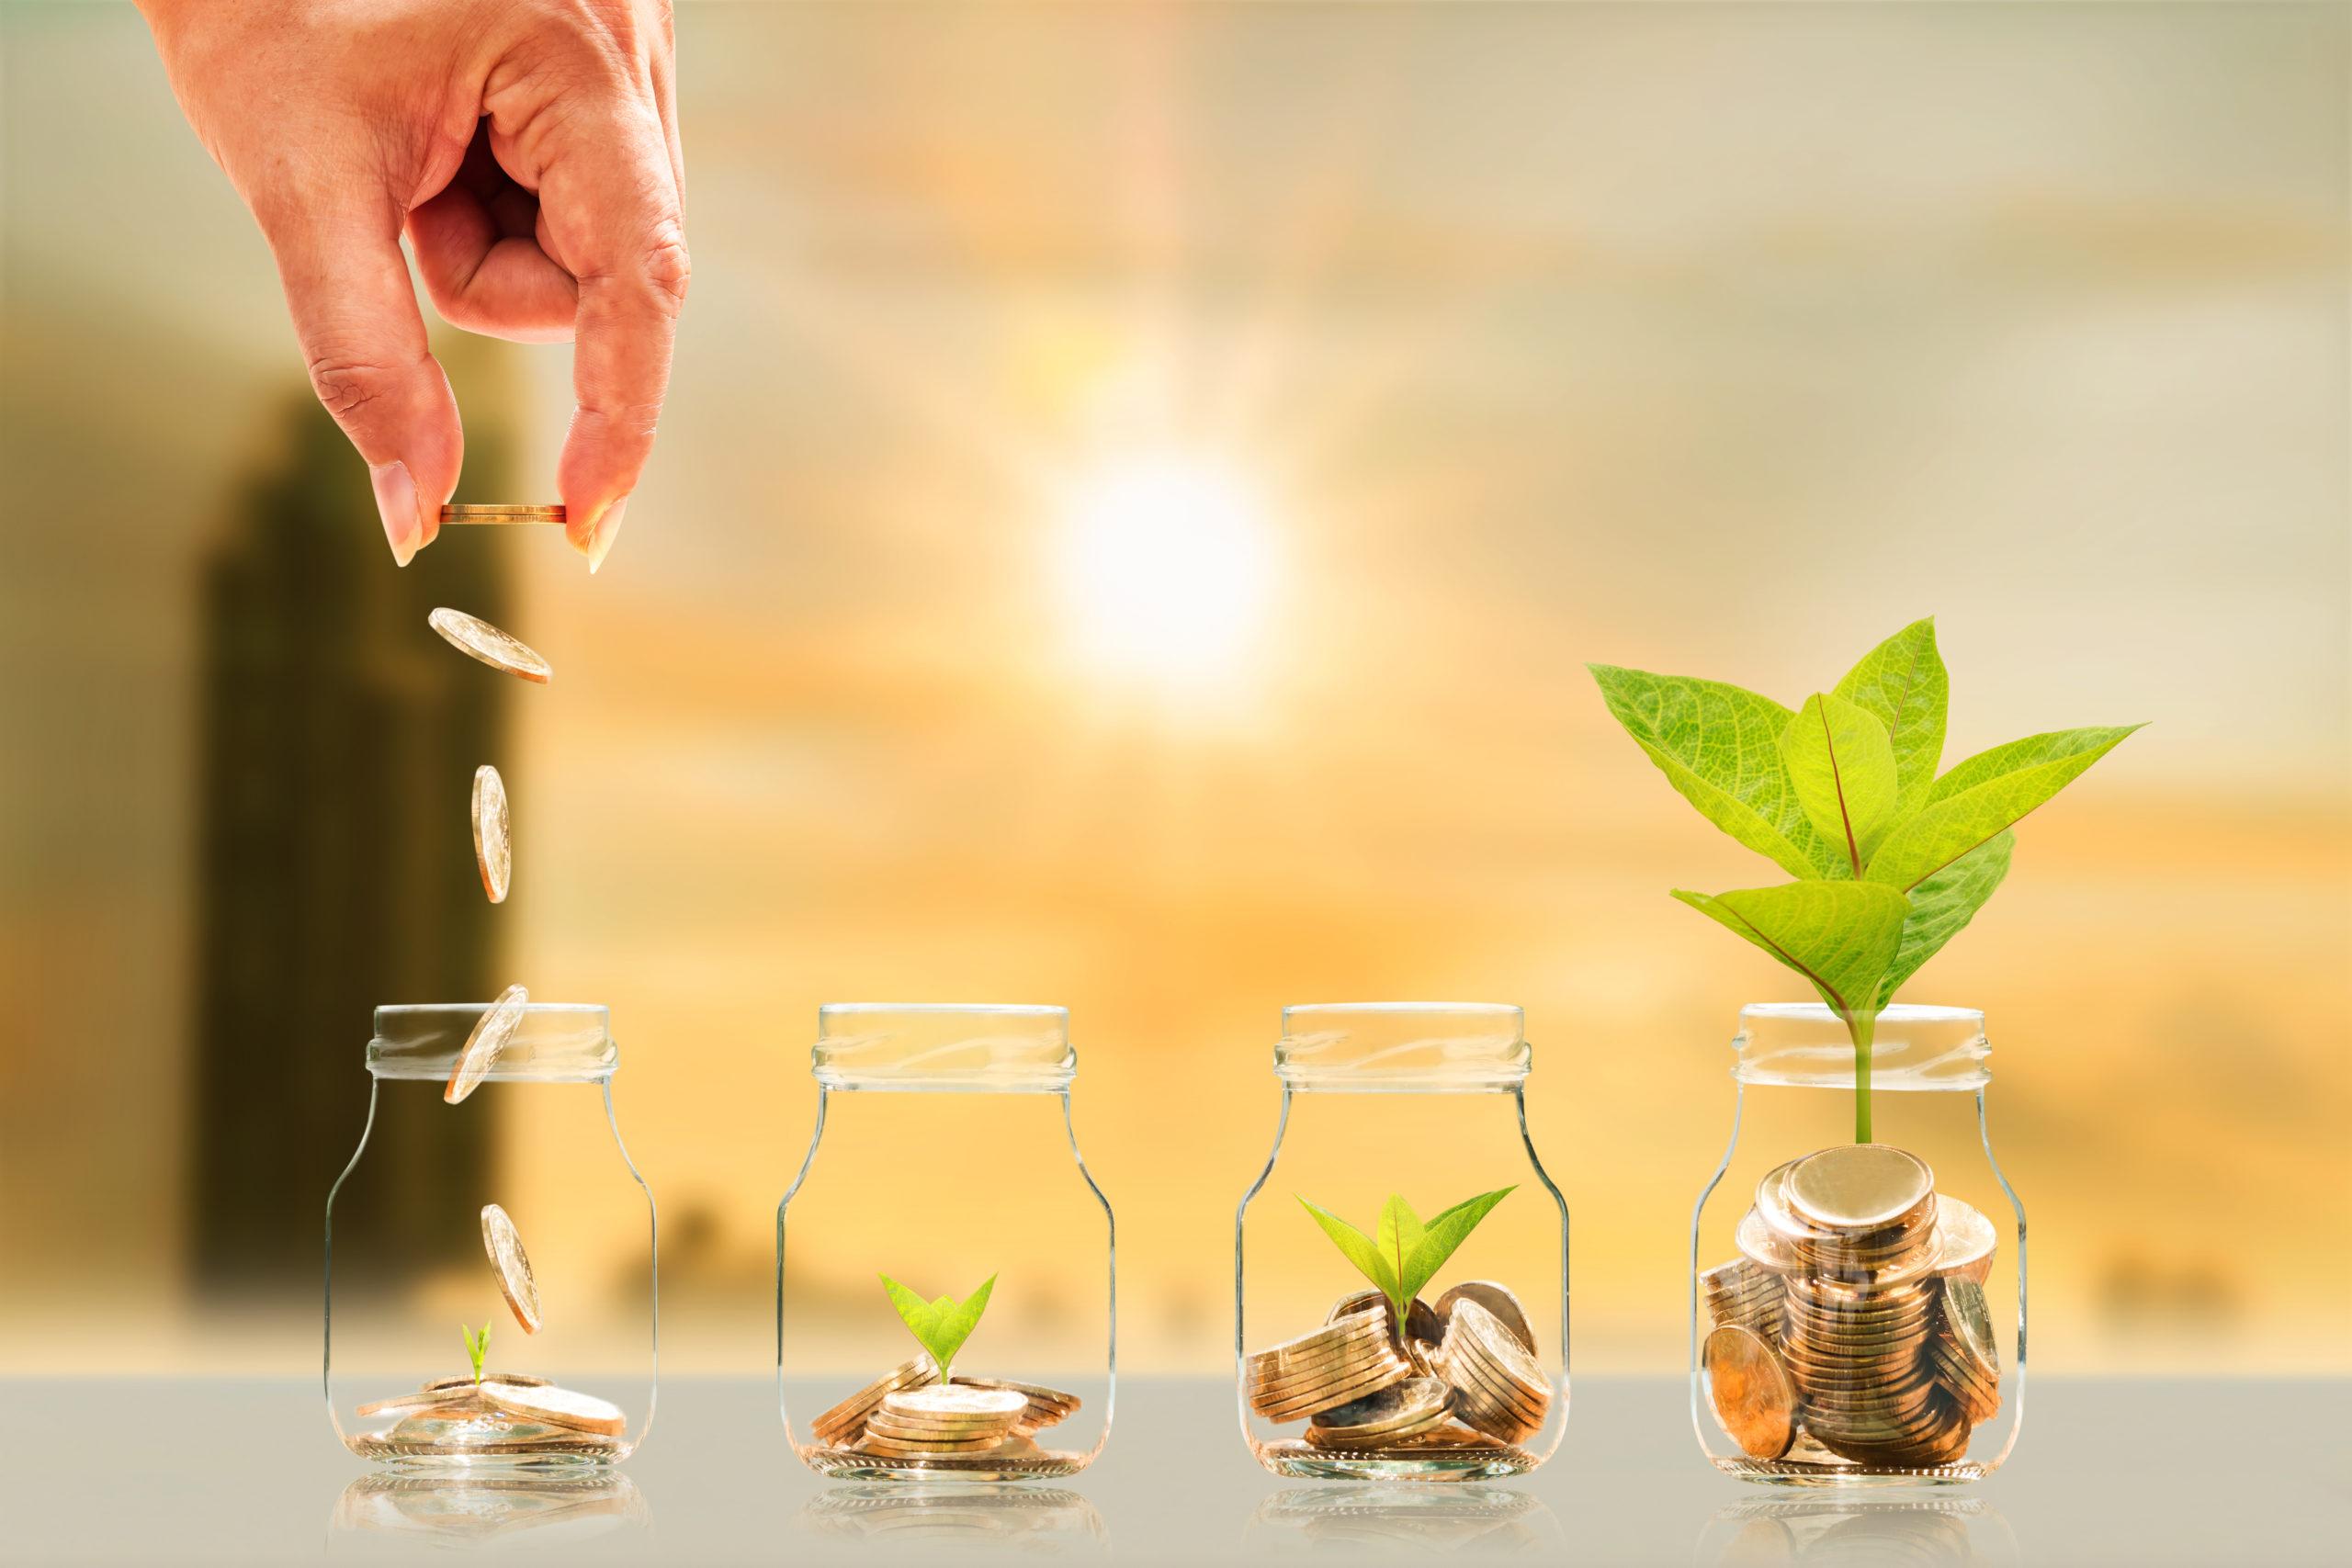 5 plantas para atraer la abundancia y buena suerte en el hogar